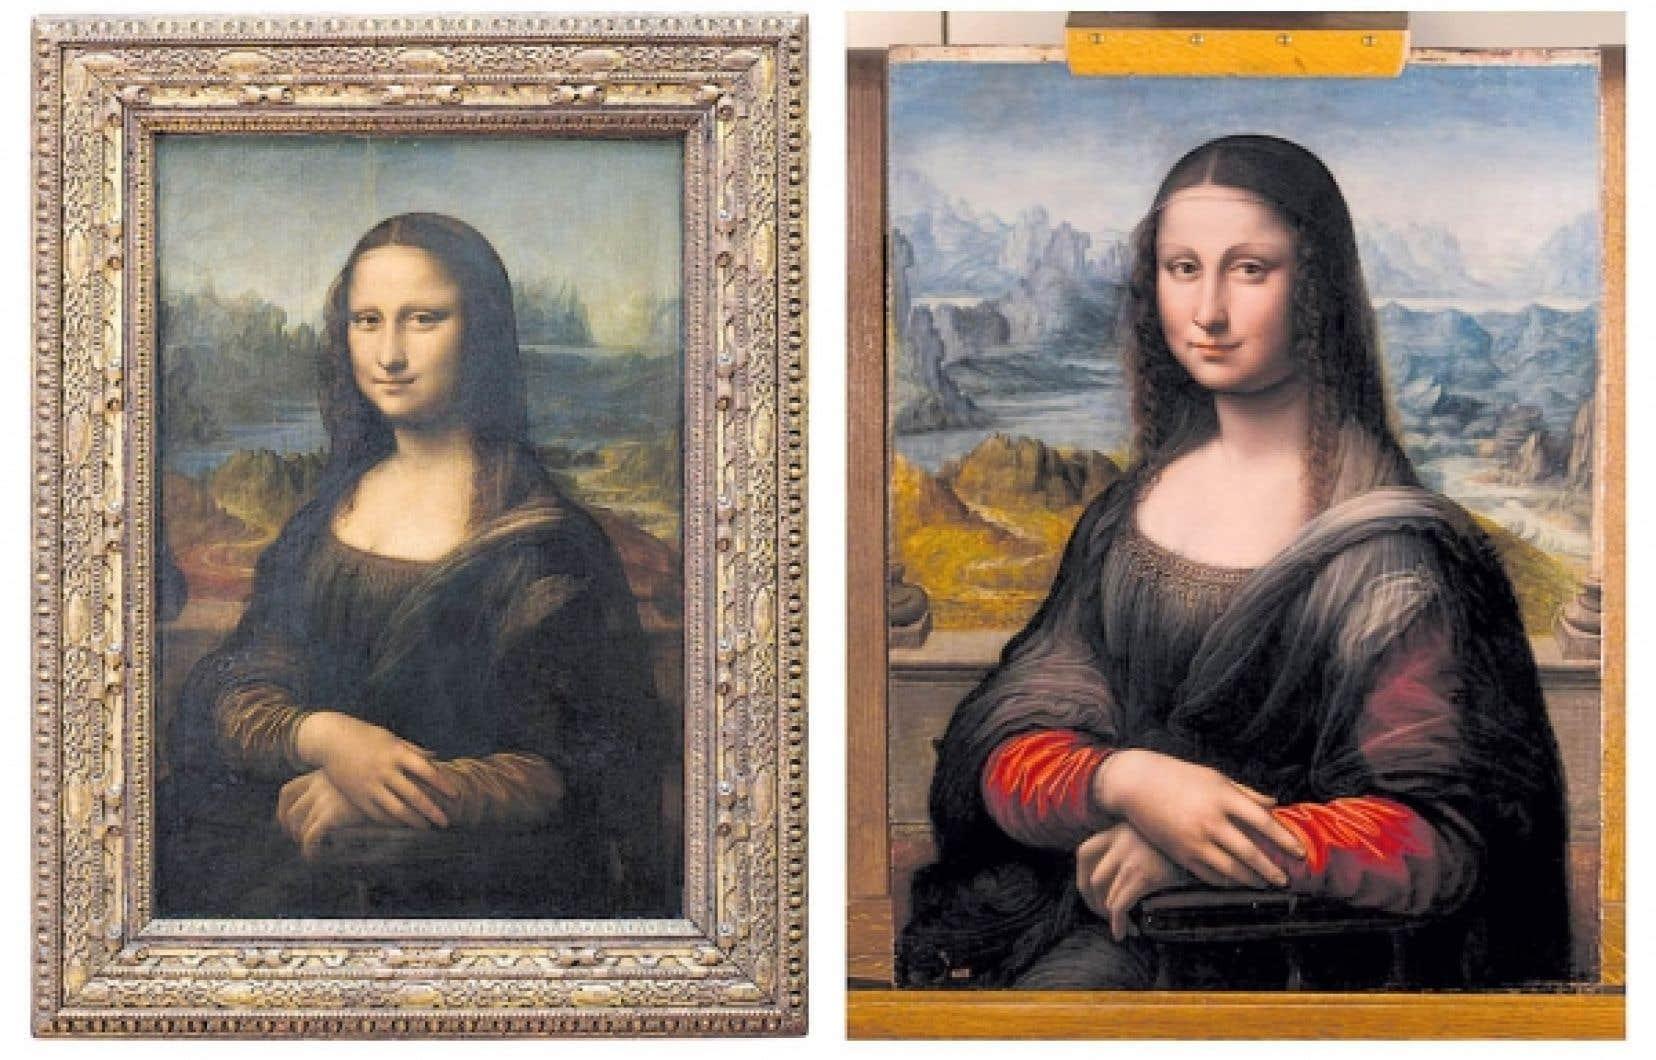 La Joconde n'est plus seule. Elle a désormais une sœur jumelle, et celle-ci est madrilène. Le musée du Prado a annoncé hier que ce qu'il pensait être une réplique tardive du tableau de Léonard de Vinci, anonyme et approximativement datée du premier quart du XVIe siècle, provient en réalité de l'atelier même du maître. Et elle aurait été réalisée en même temps que l'œuvre du Louvre. <br />